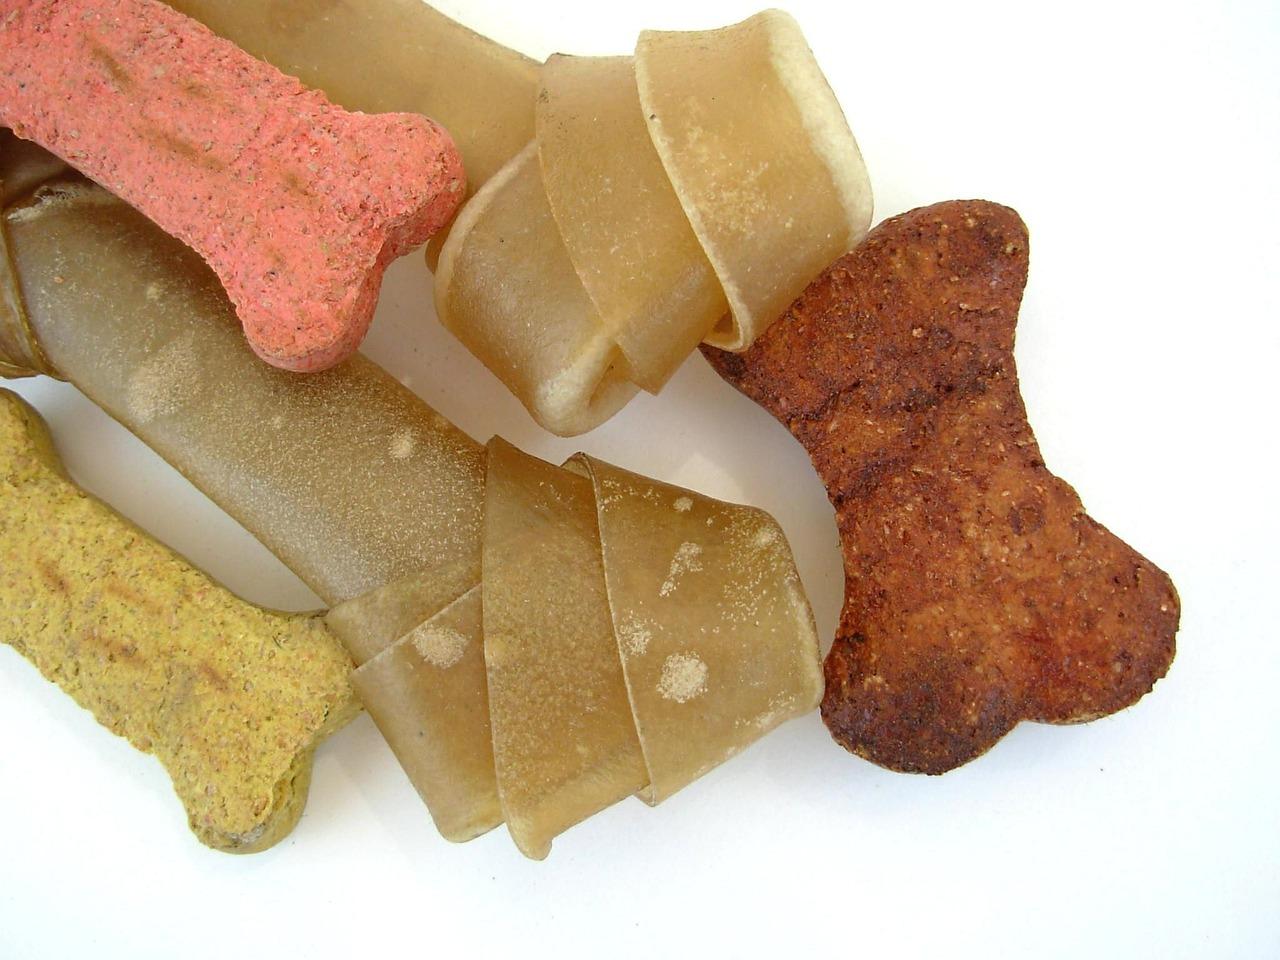 dog-bones-puppy-pet-dog-food-food